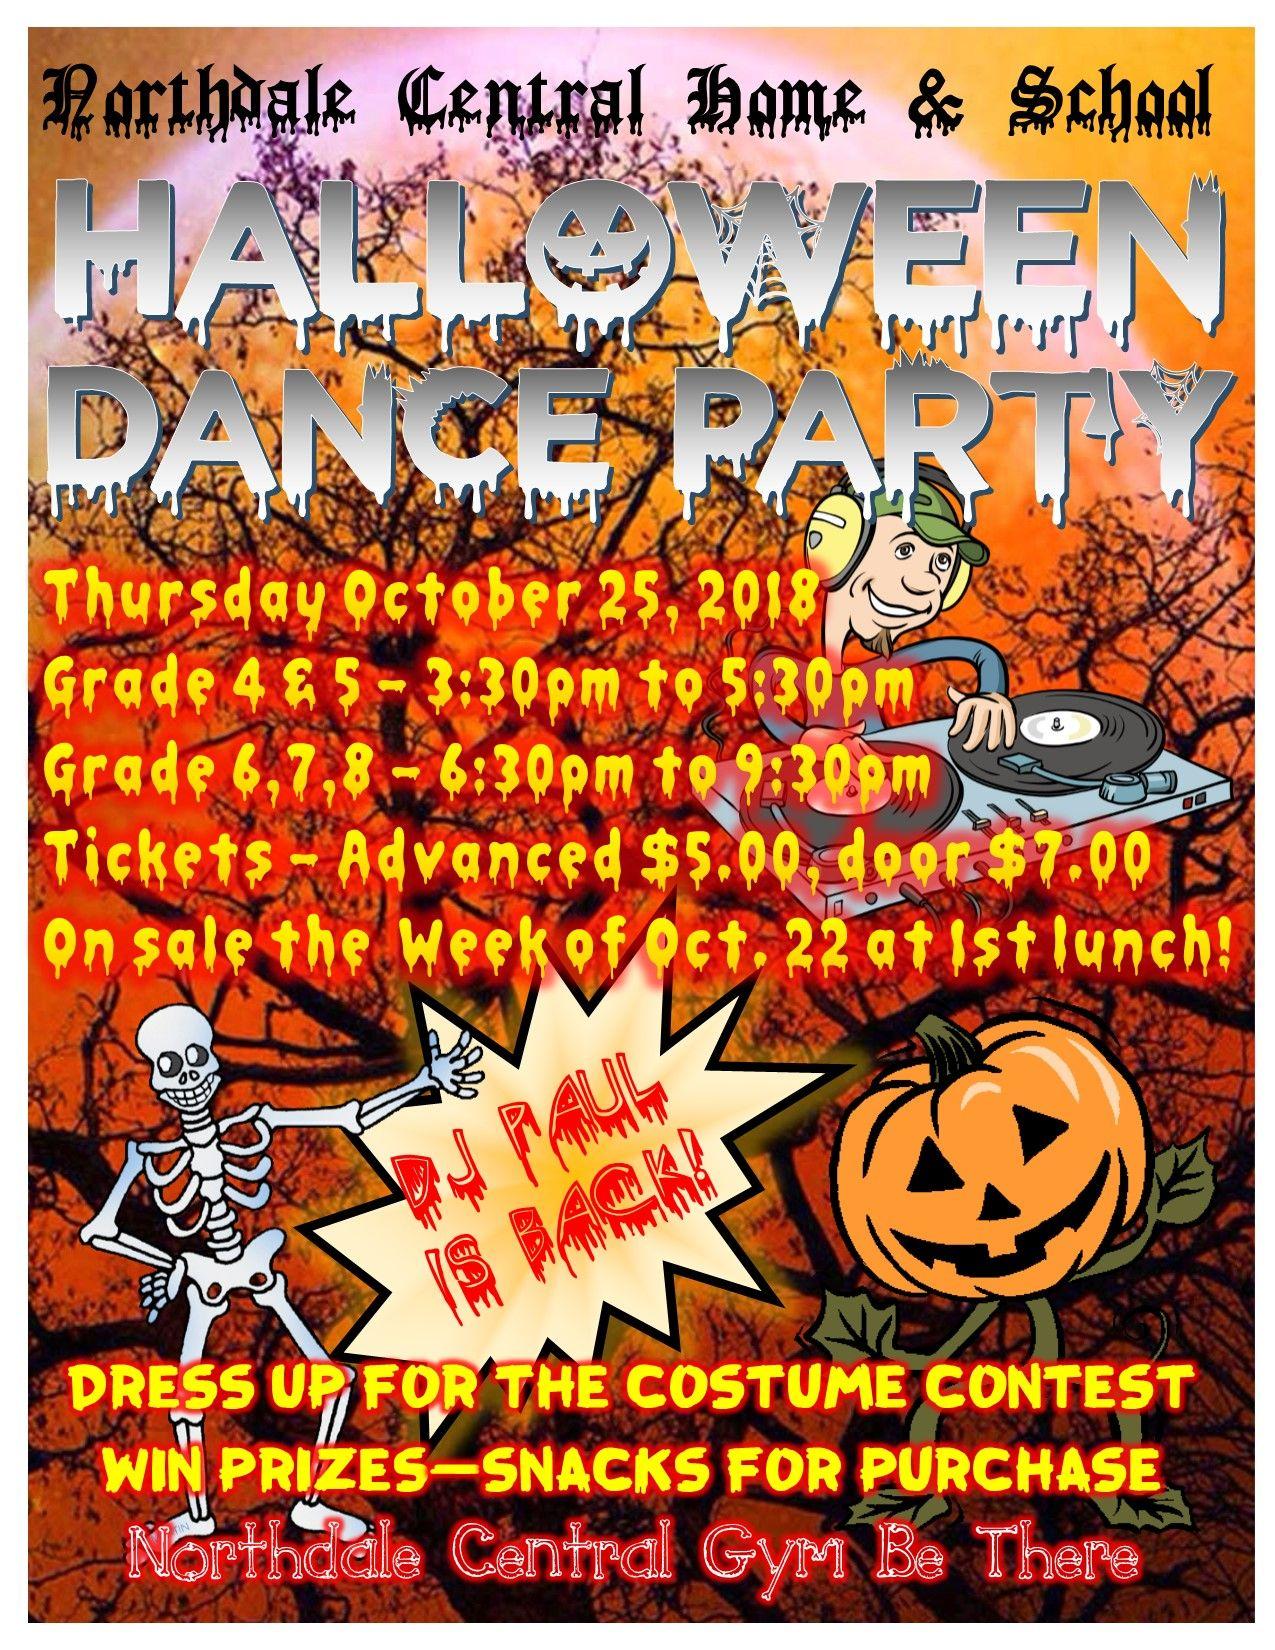 Elementary School Halloween Dance Flyer Poster